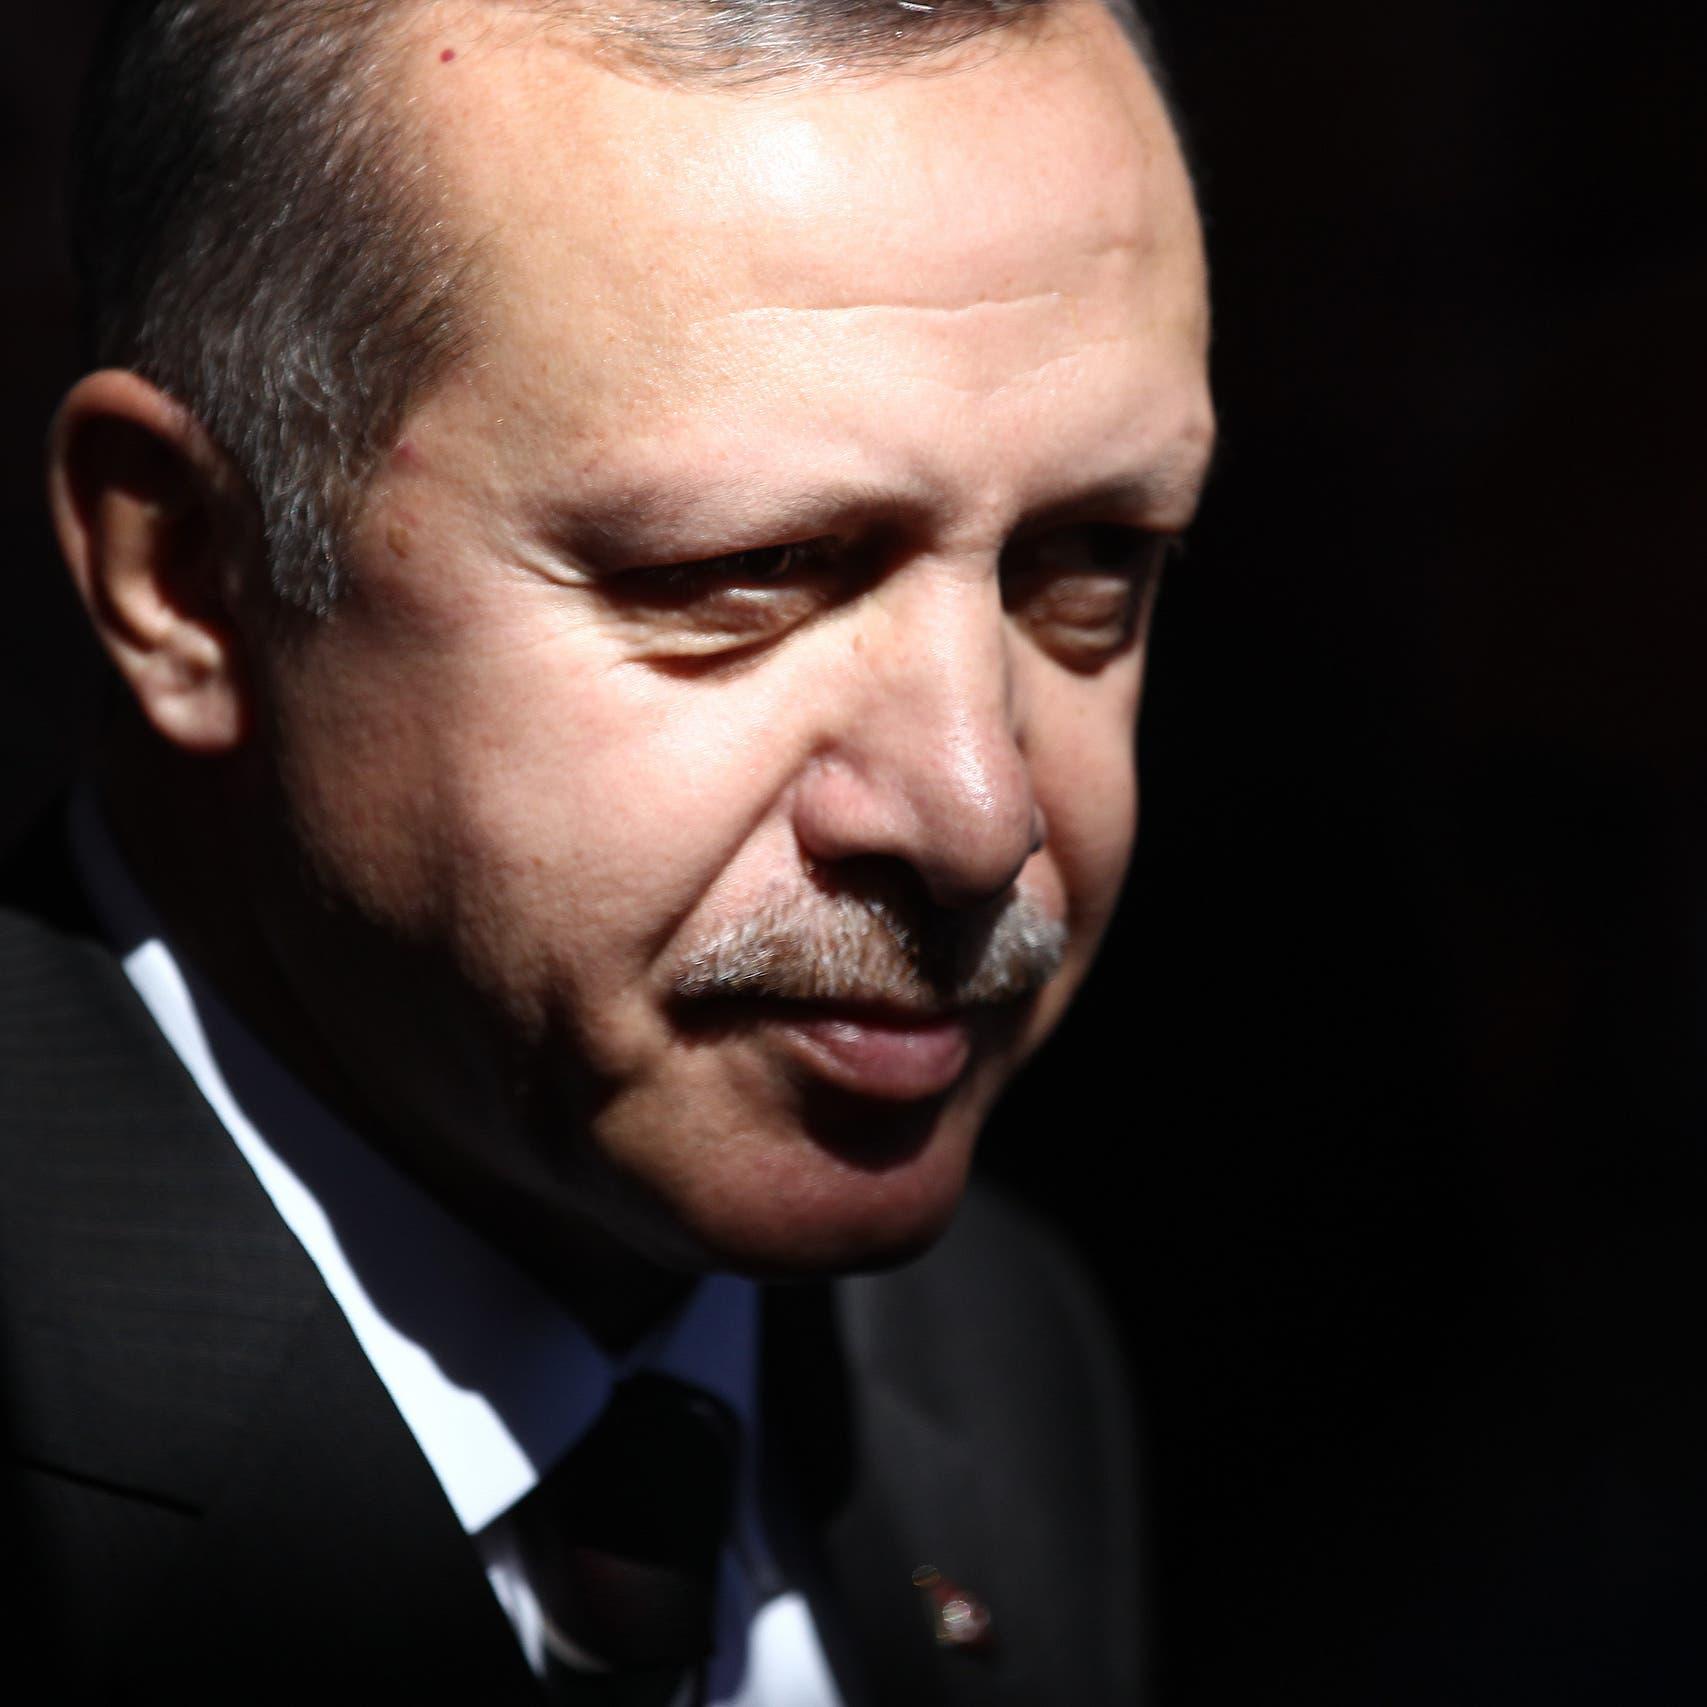 باباجان: صمت أردوغان على الاعتداءات بحق المعارضين خطير